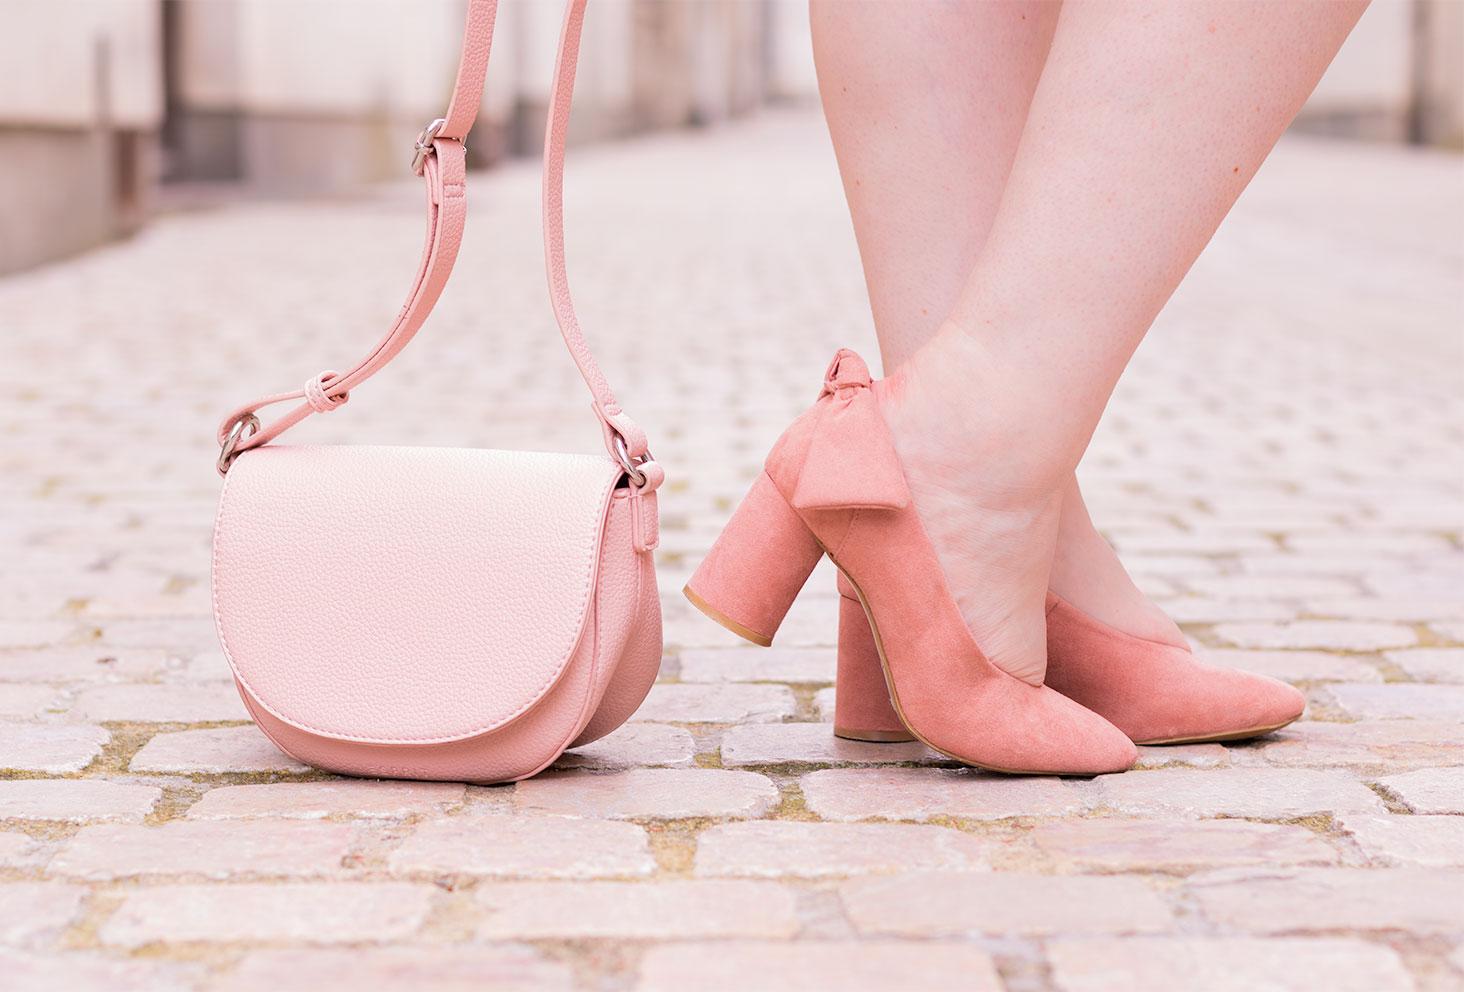 Zoom sur les escarpins roses à nœuds Kiabi porté et sur la pochette rose Esprit posé sur le sol à côté